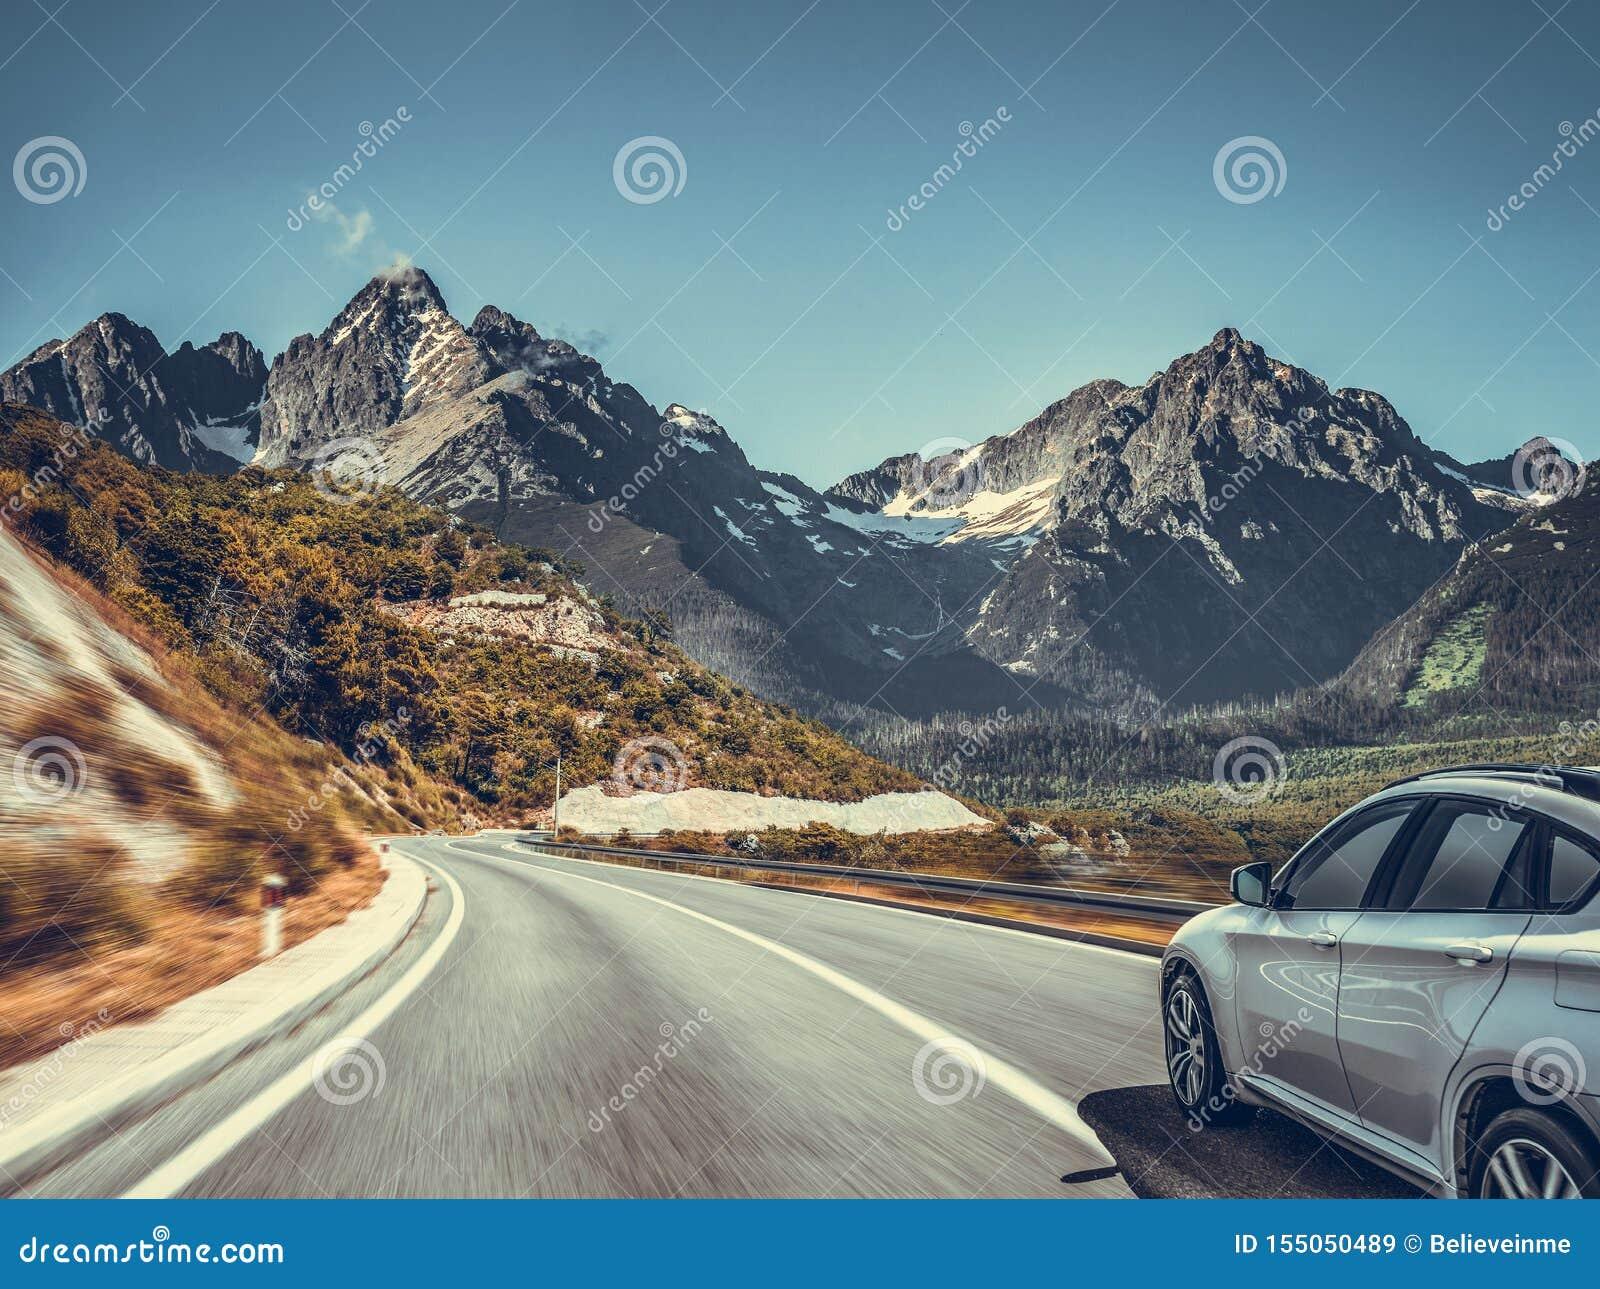 Εθνική οδός μεταξύ του τοπίου βουνών Άσπρο αυτοκίνητο σε έναν δρόμο βουνών